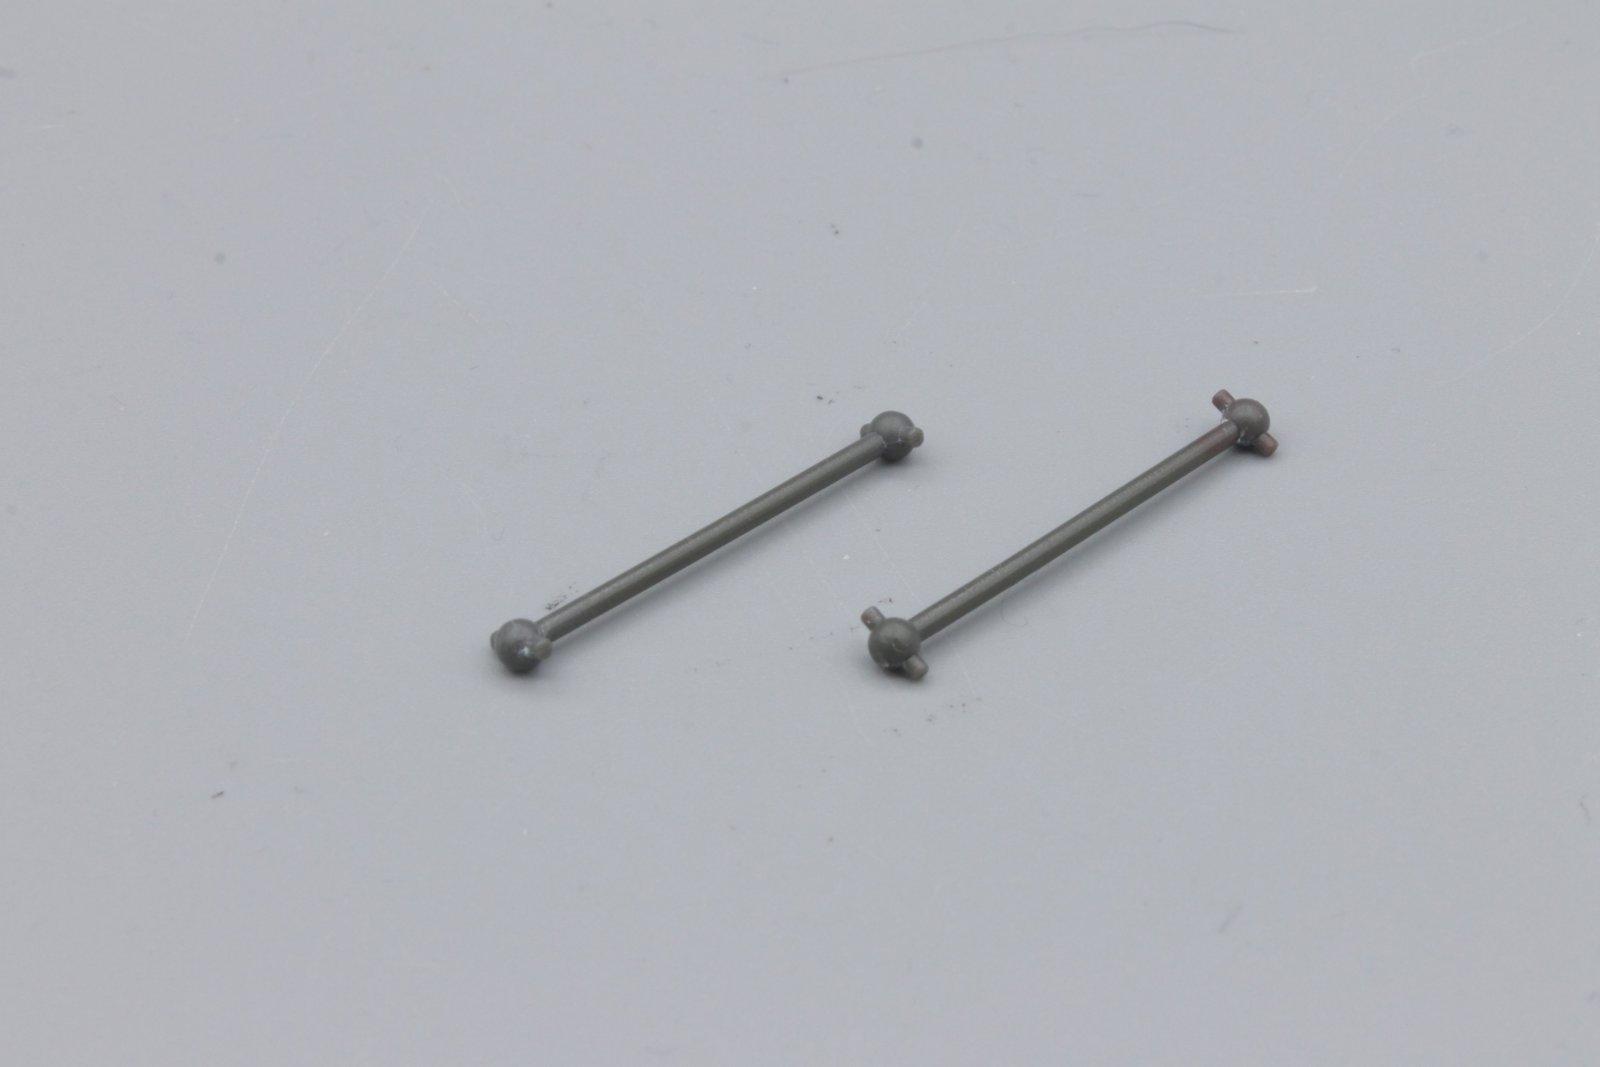 Ersatzteil Piko ER20-223-2016  Kardanwelle - Länge ca 32,5 mm - 2 Stück Var.1